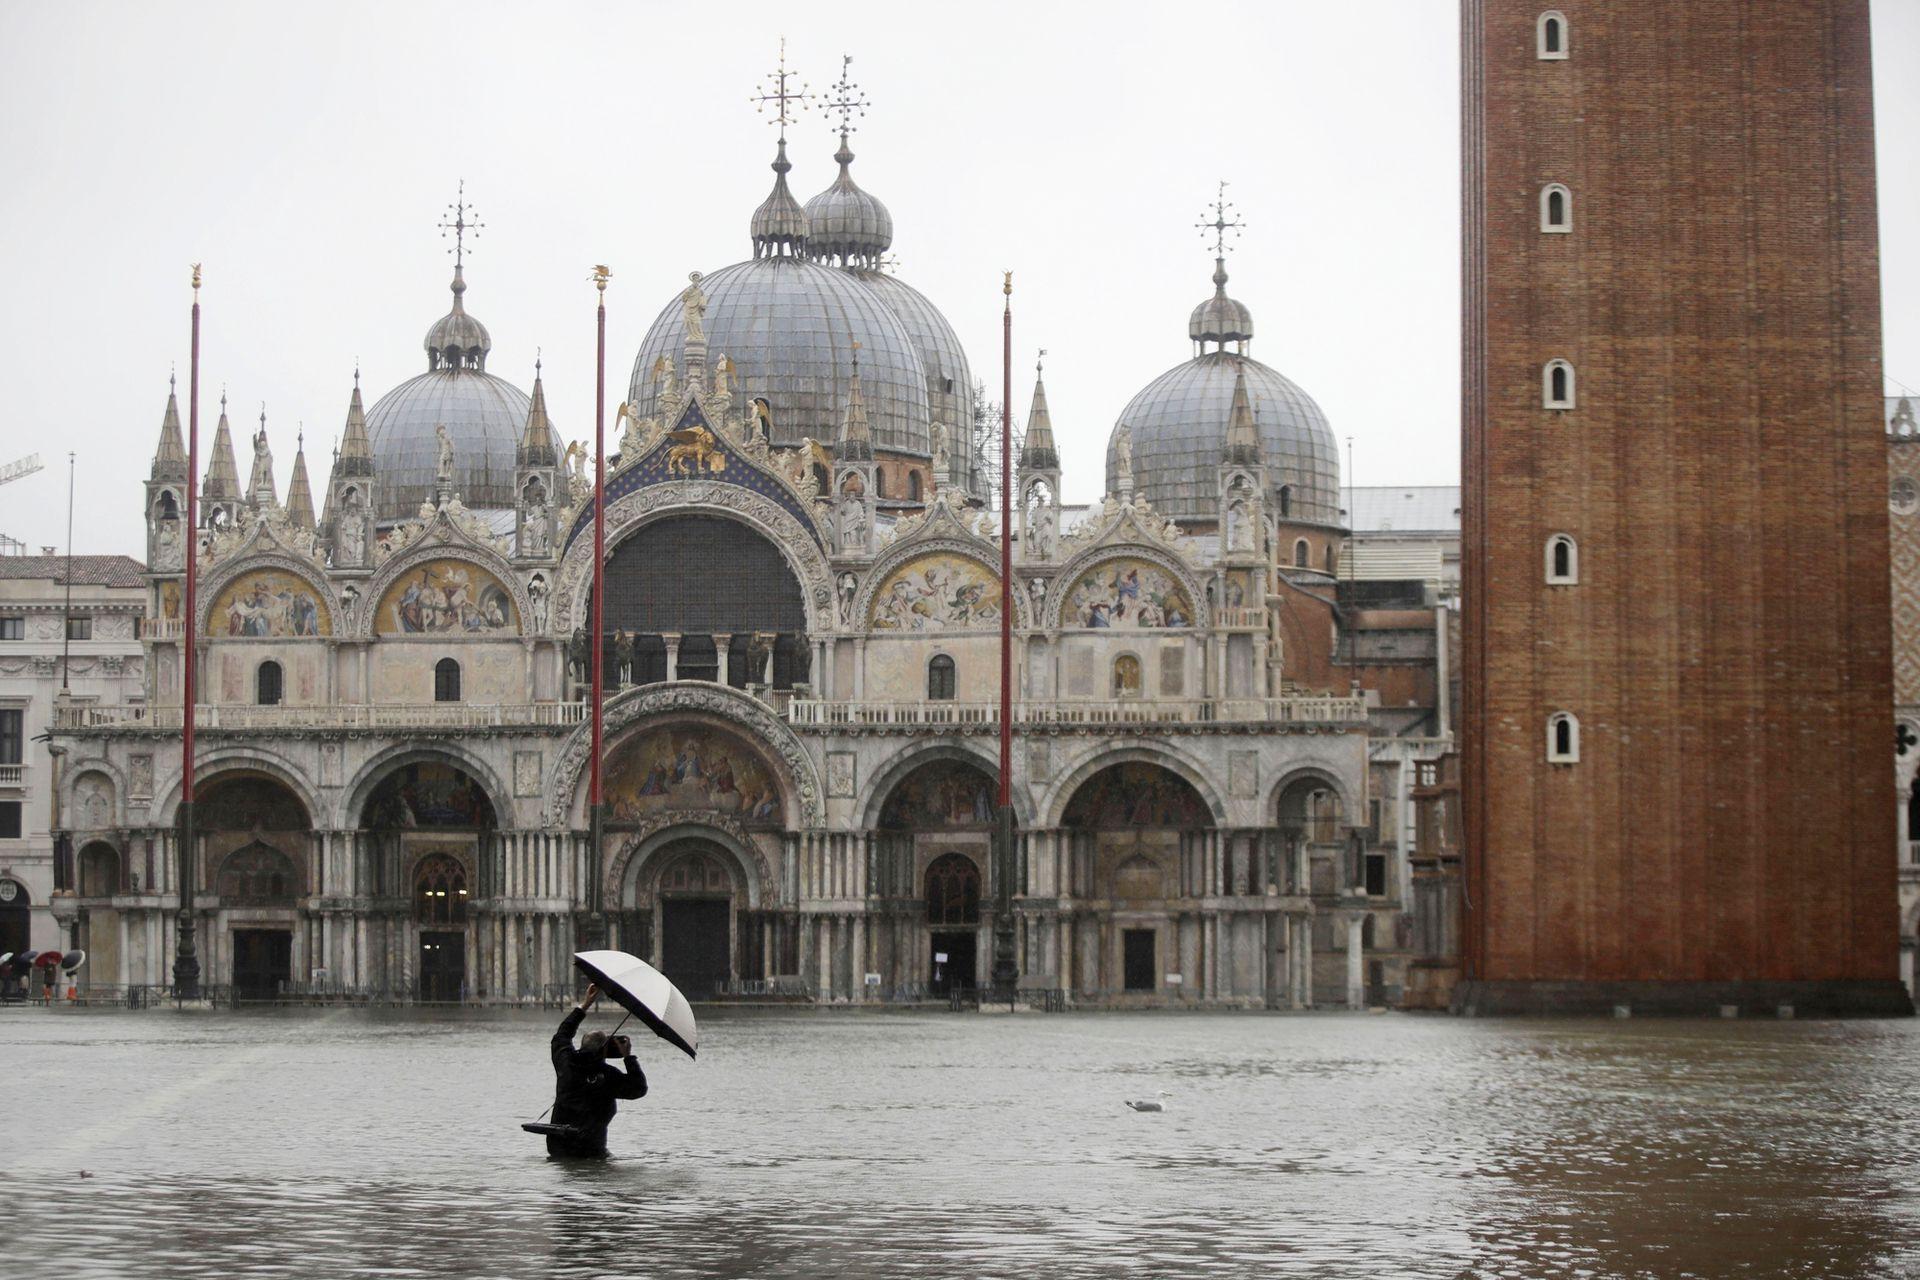 Un fotógrafo en la plaza inundada de San Marcos, en Venecia, Italia, el 12 de noviembre de 2019